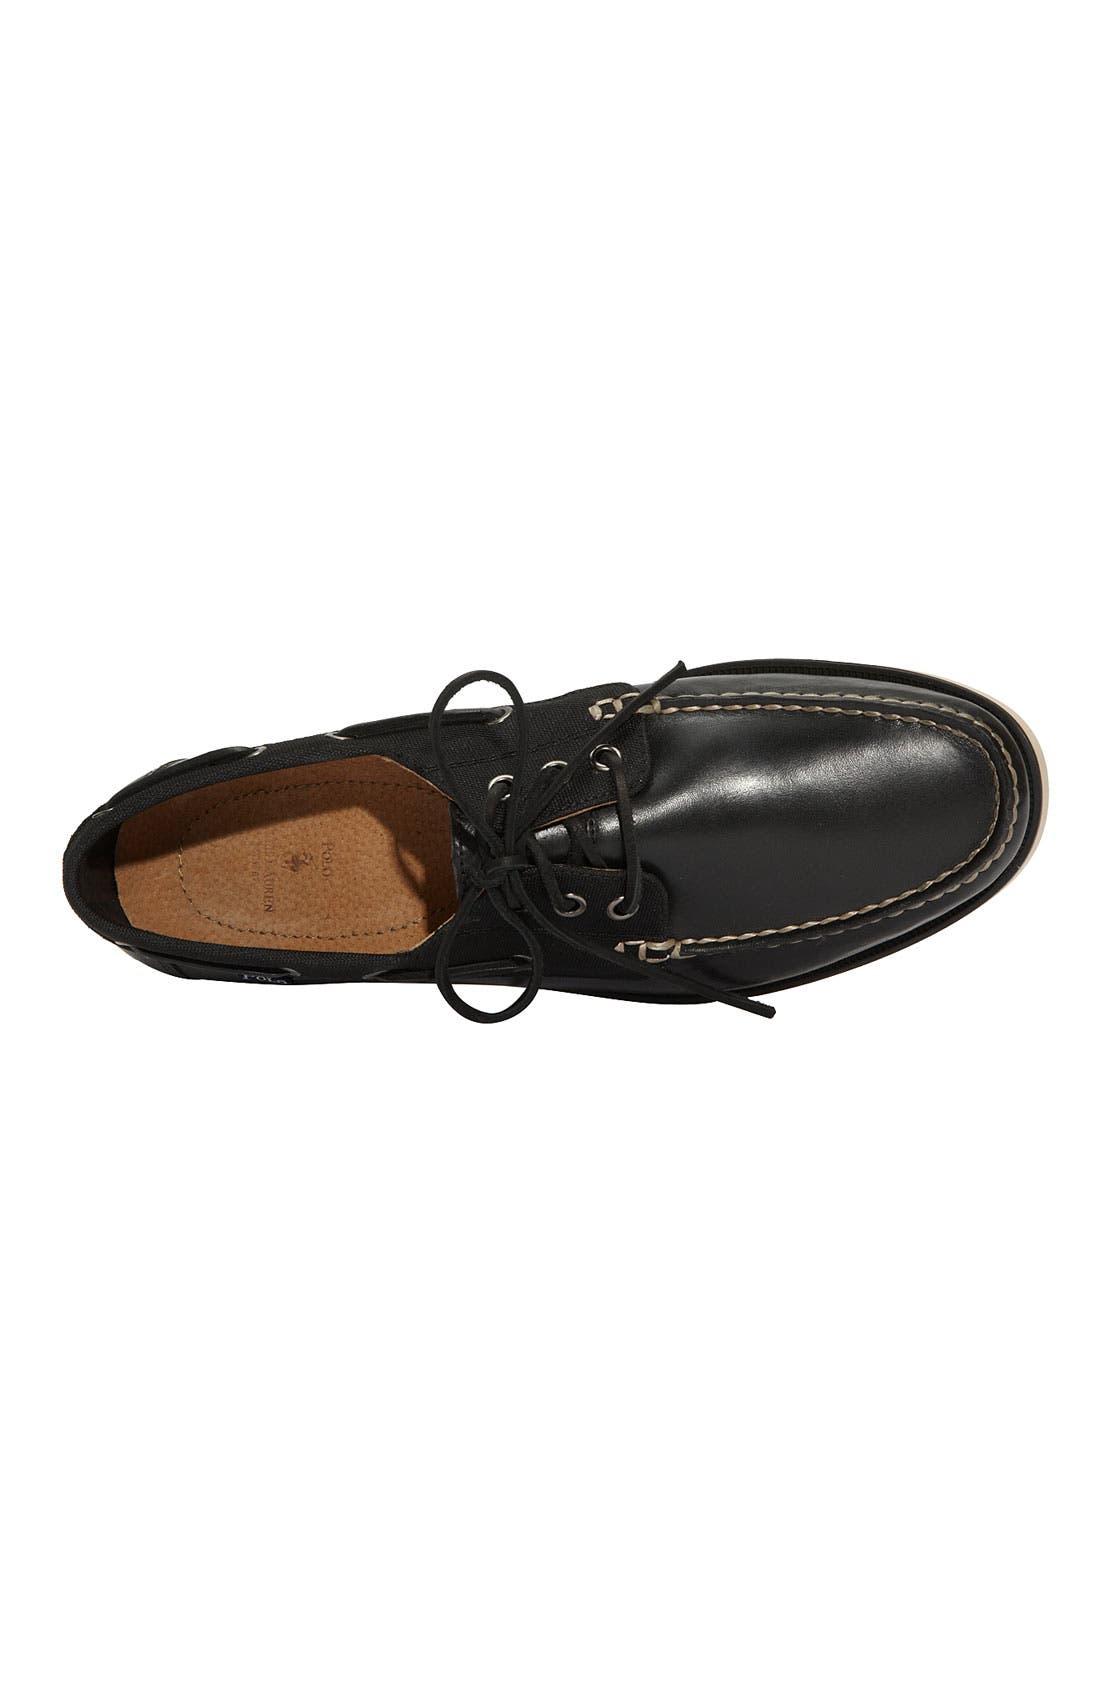 POLO RALPH LAUREN,                             'Bienne' Boat Shoe,                             Alternate thumbnail 2, color,                             001